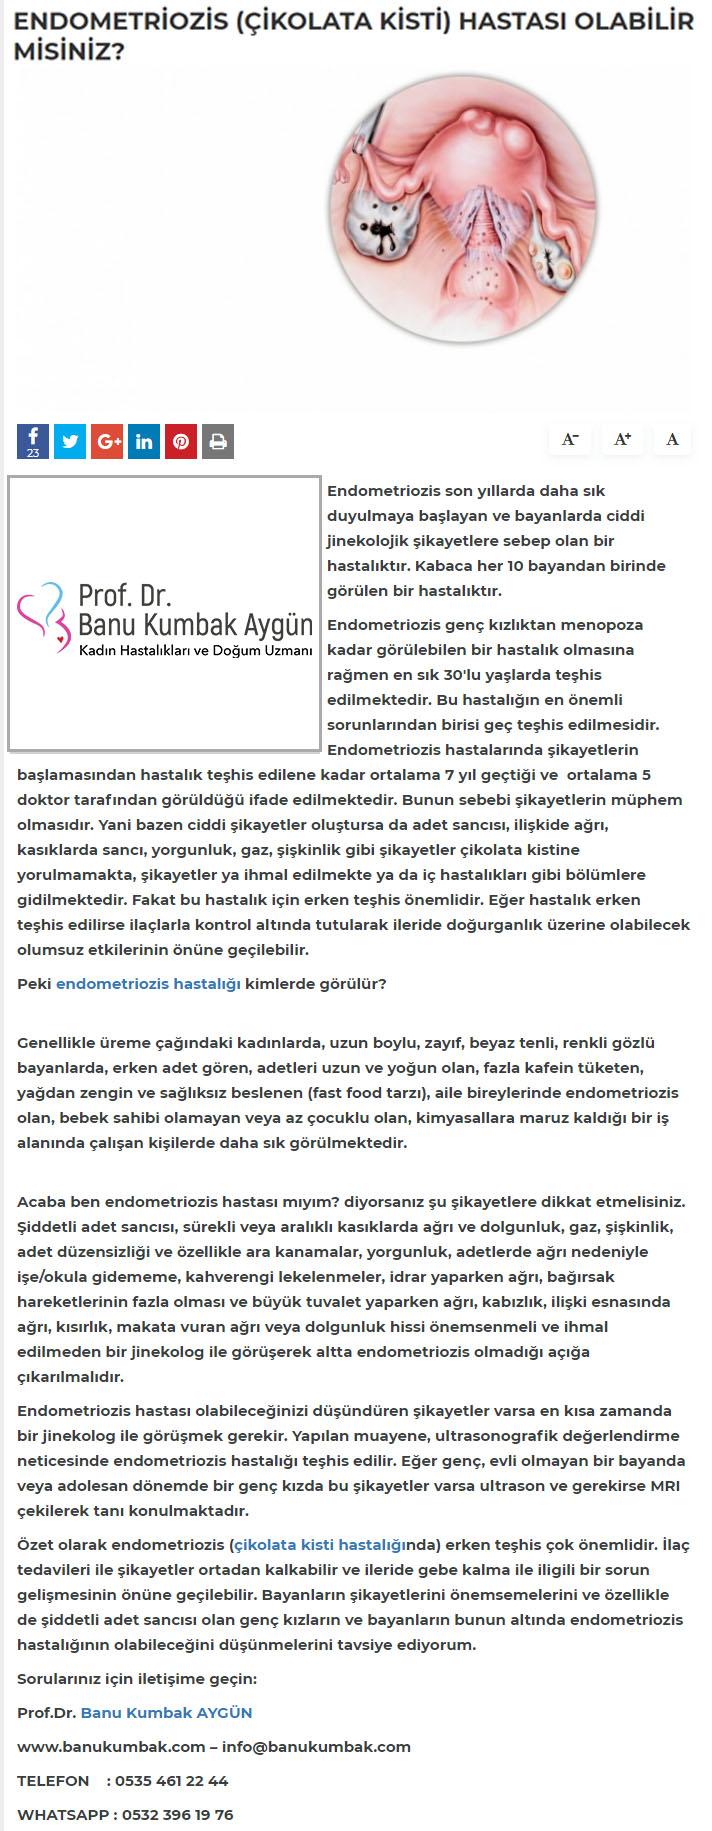 Haberts.com Endometriozis (Çikolata Kisti) Hastası Olabilir Misiniz? Aralık 2018 1